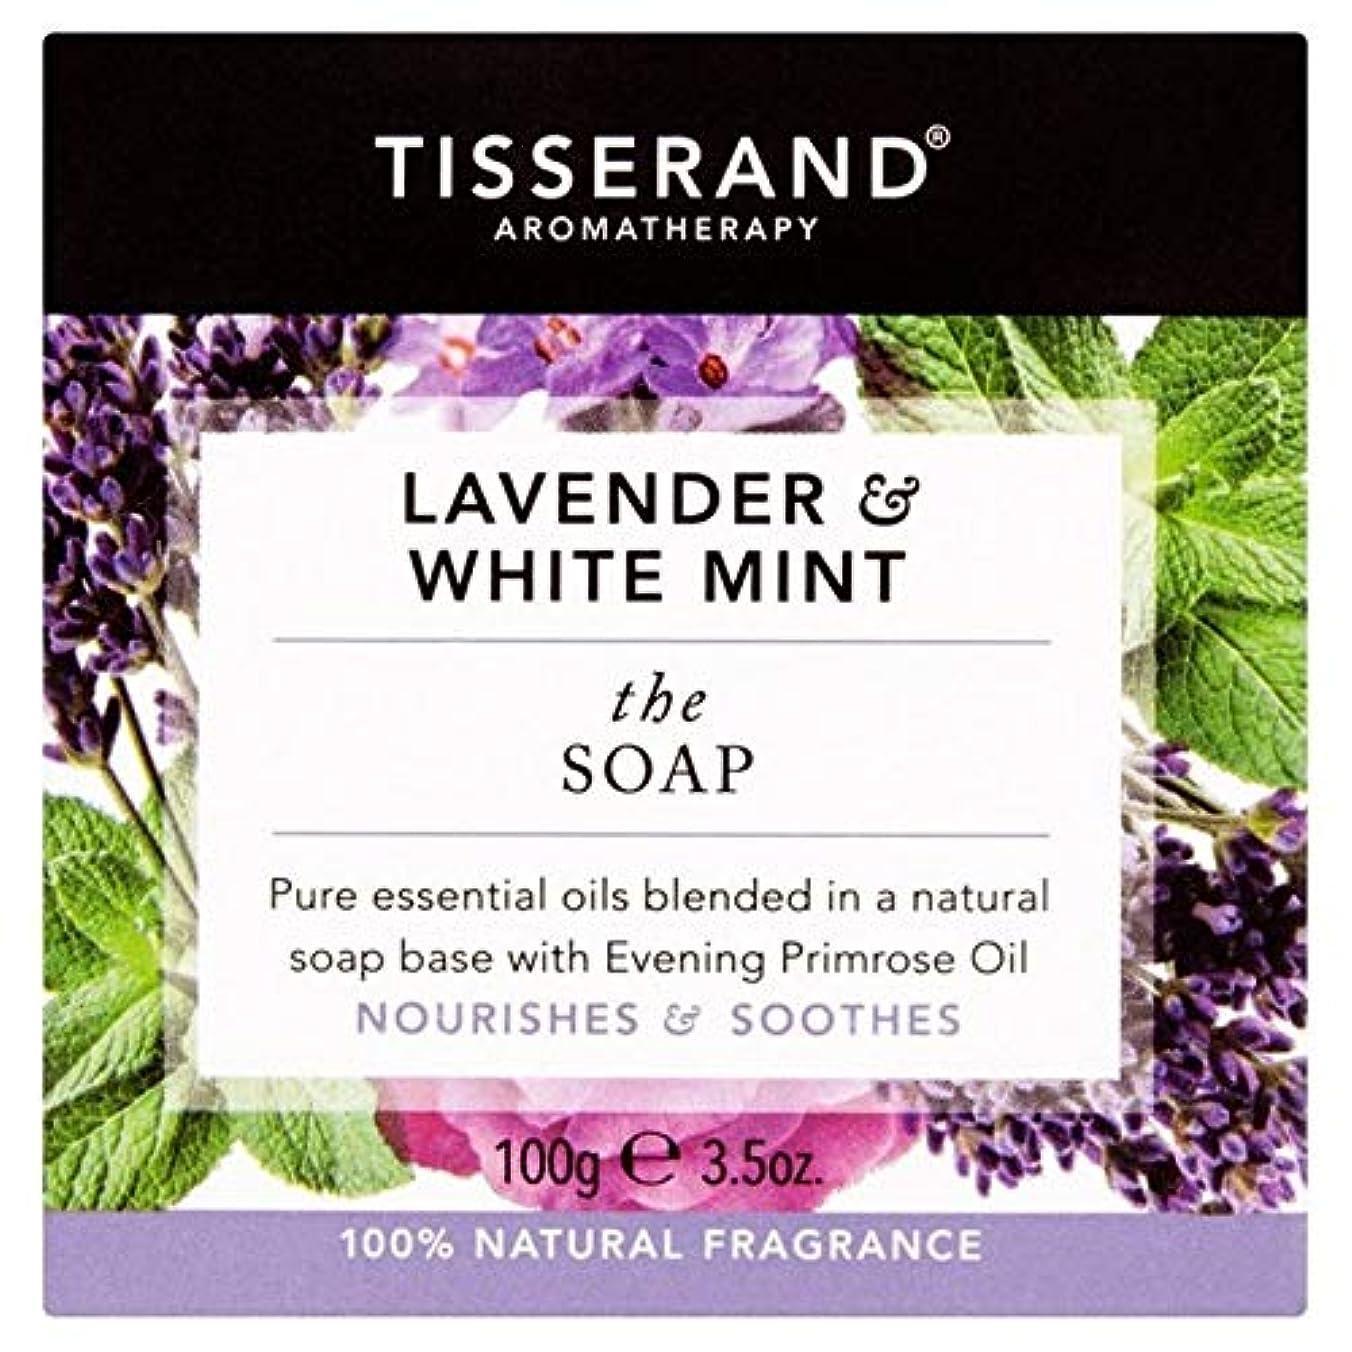 ゆるい論争的読む[Tisserand ] ティスランドラベンダー&ホワイトミント石鹸100グラム - Tisserand Lavender & White Mint The Soap 100g [並行輸入品]